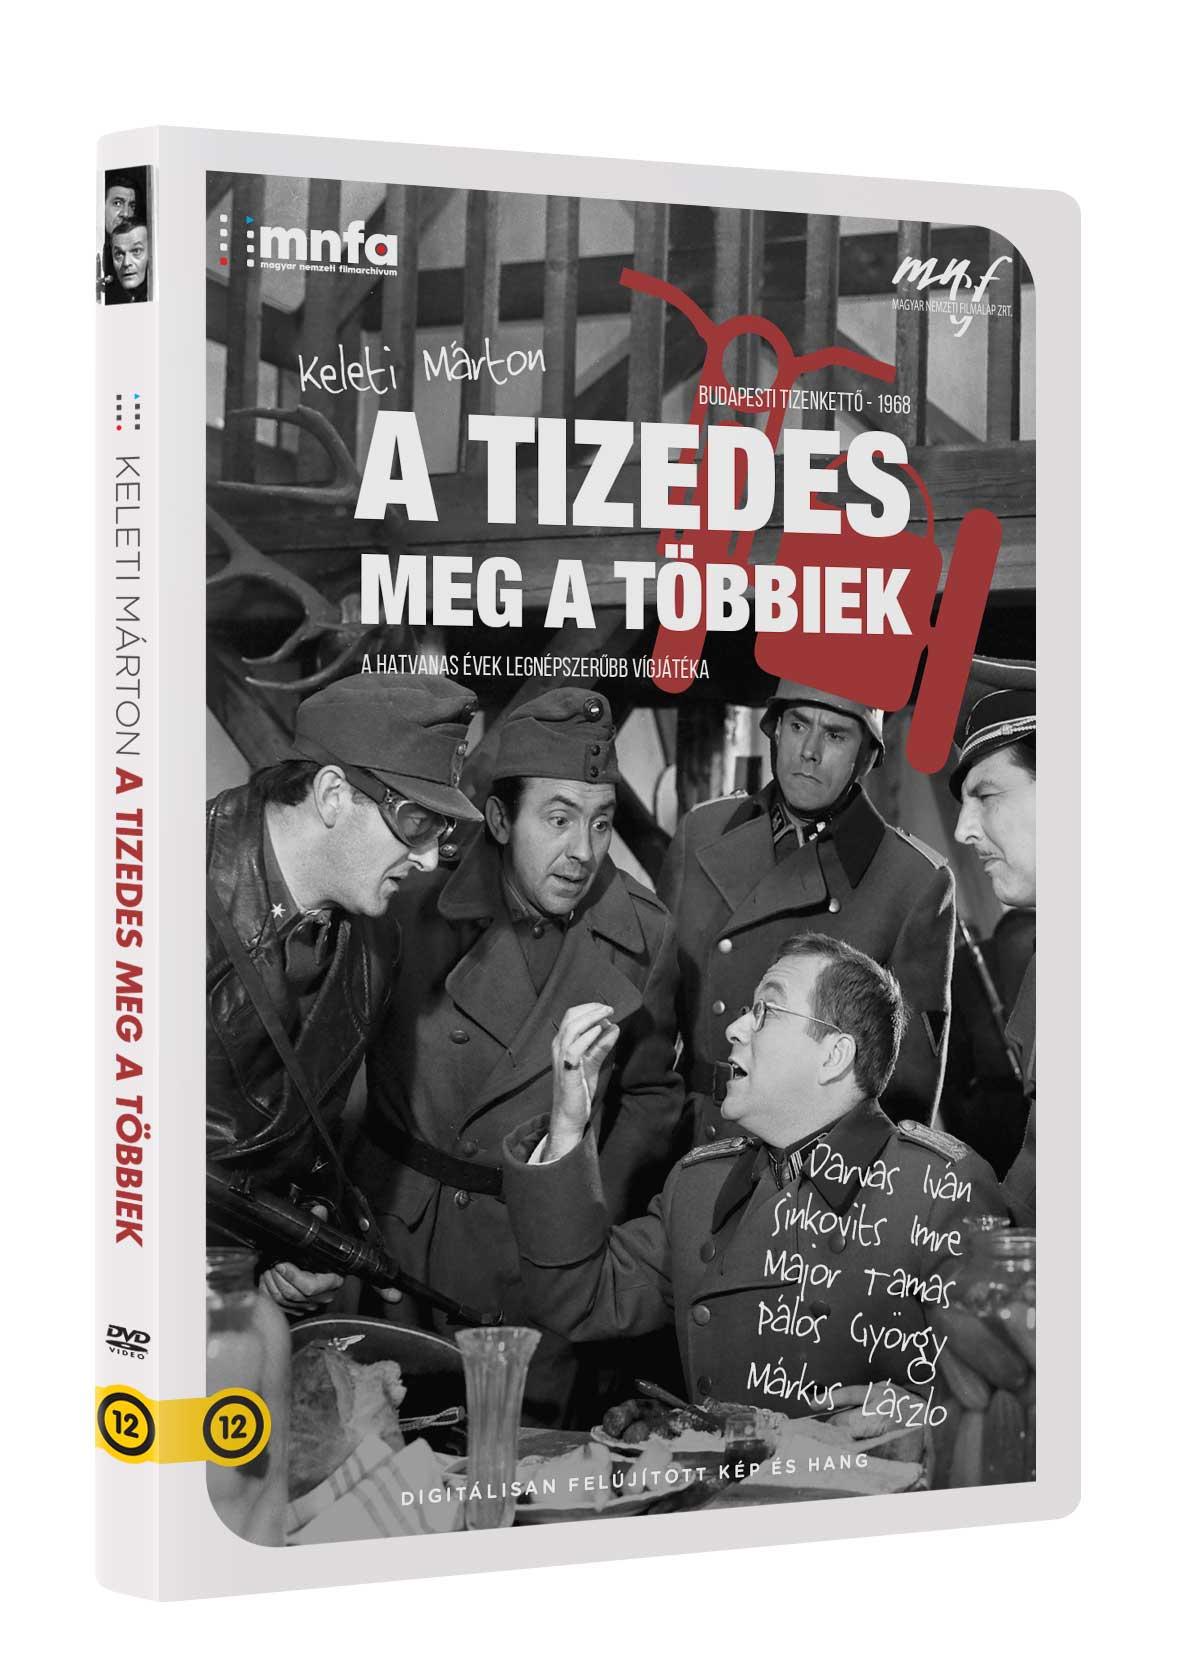 A tizedes meg a többiek (MNFA kiadás) - DVD